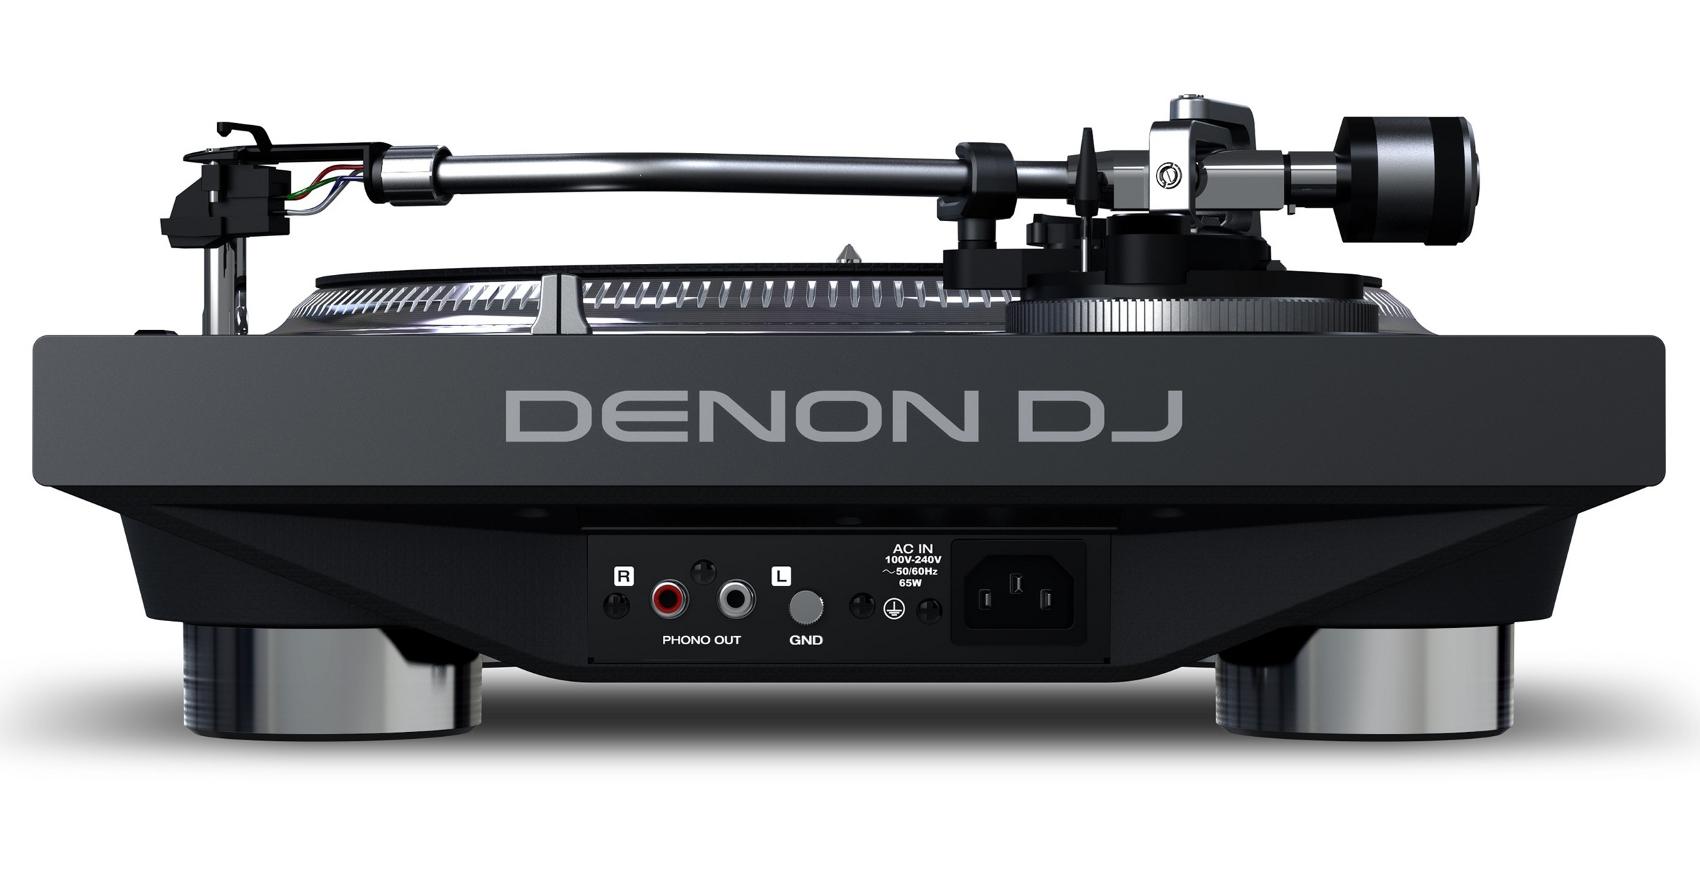 DENON DJ VL12 PRIME GIRADISCHI PER DJ A TRAZIONE DIRETTA CON ILLUMINAZIONE RGB DEL PIATTO 2